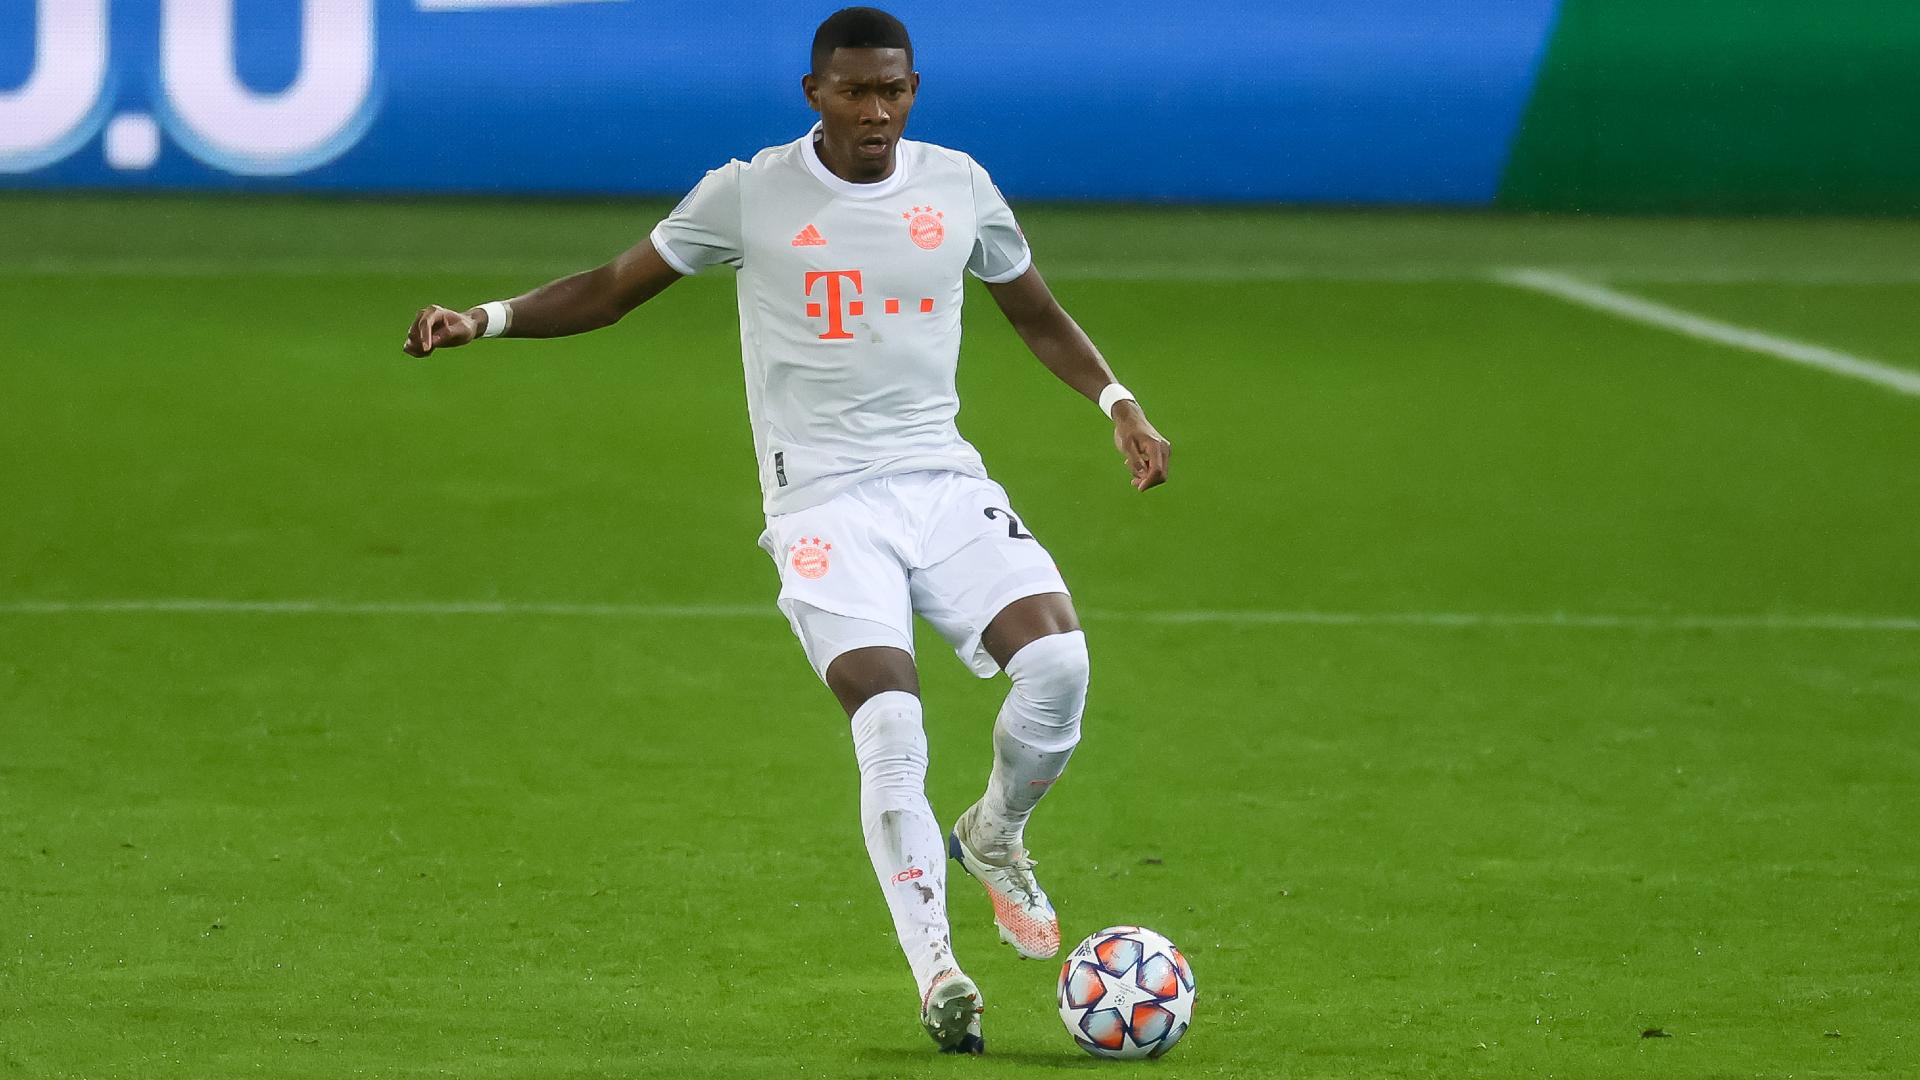 Bayern Munich players 'absolutely behind' Alaba, says Boateng